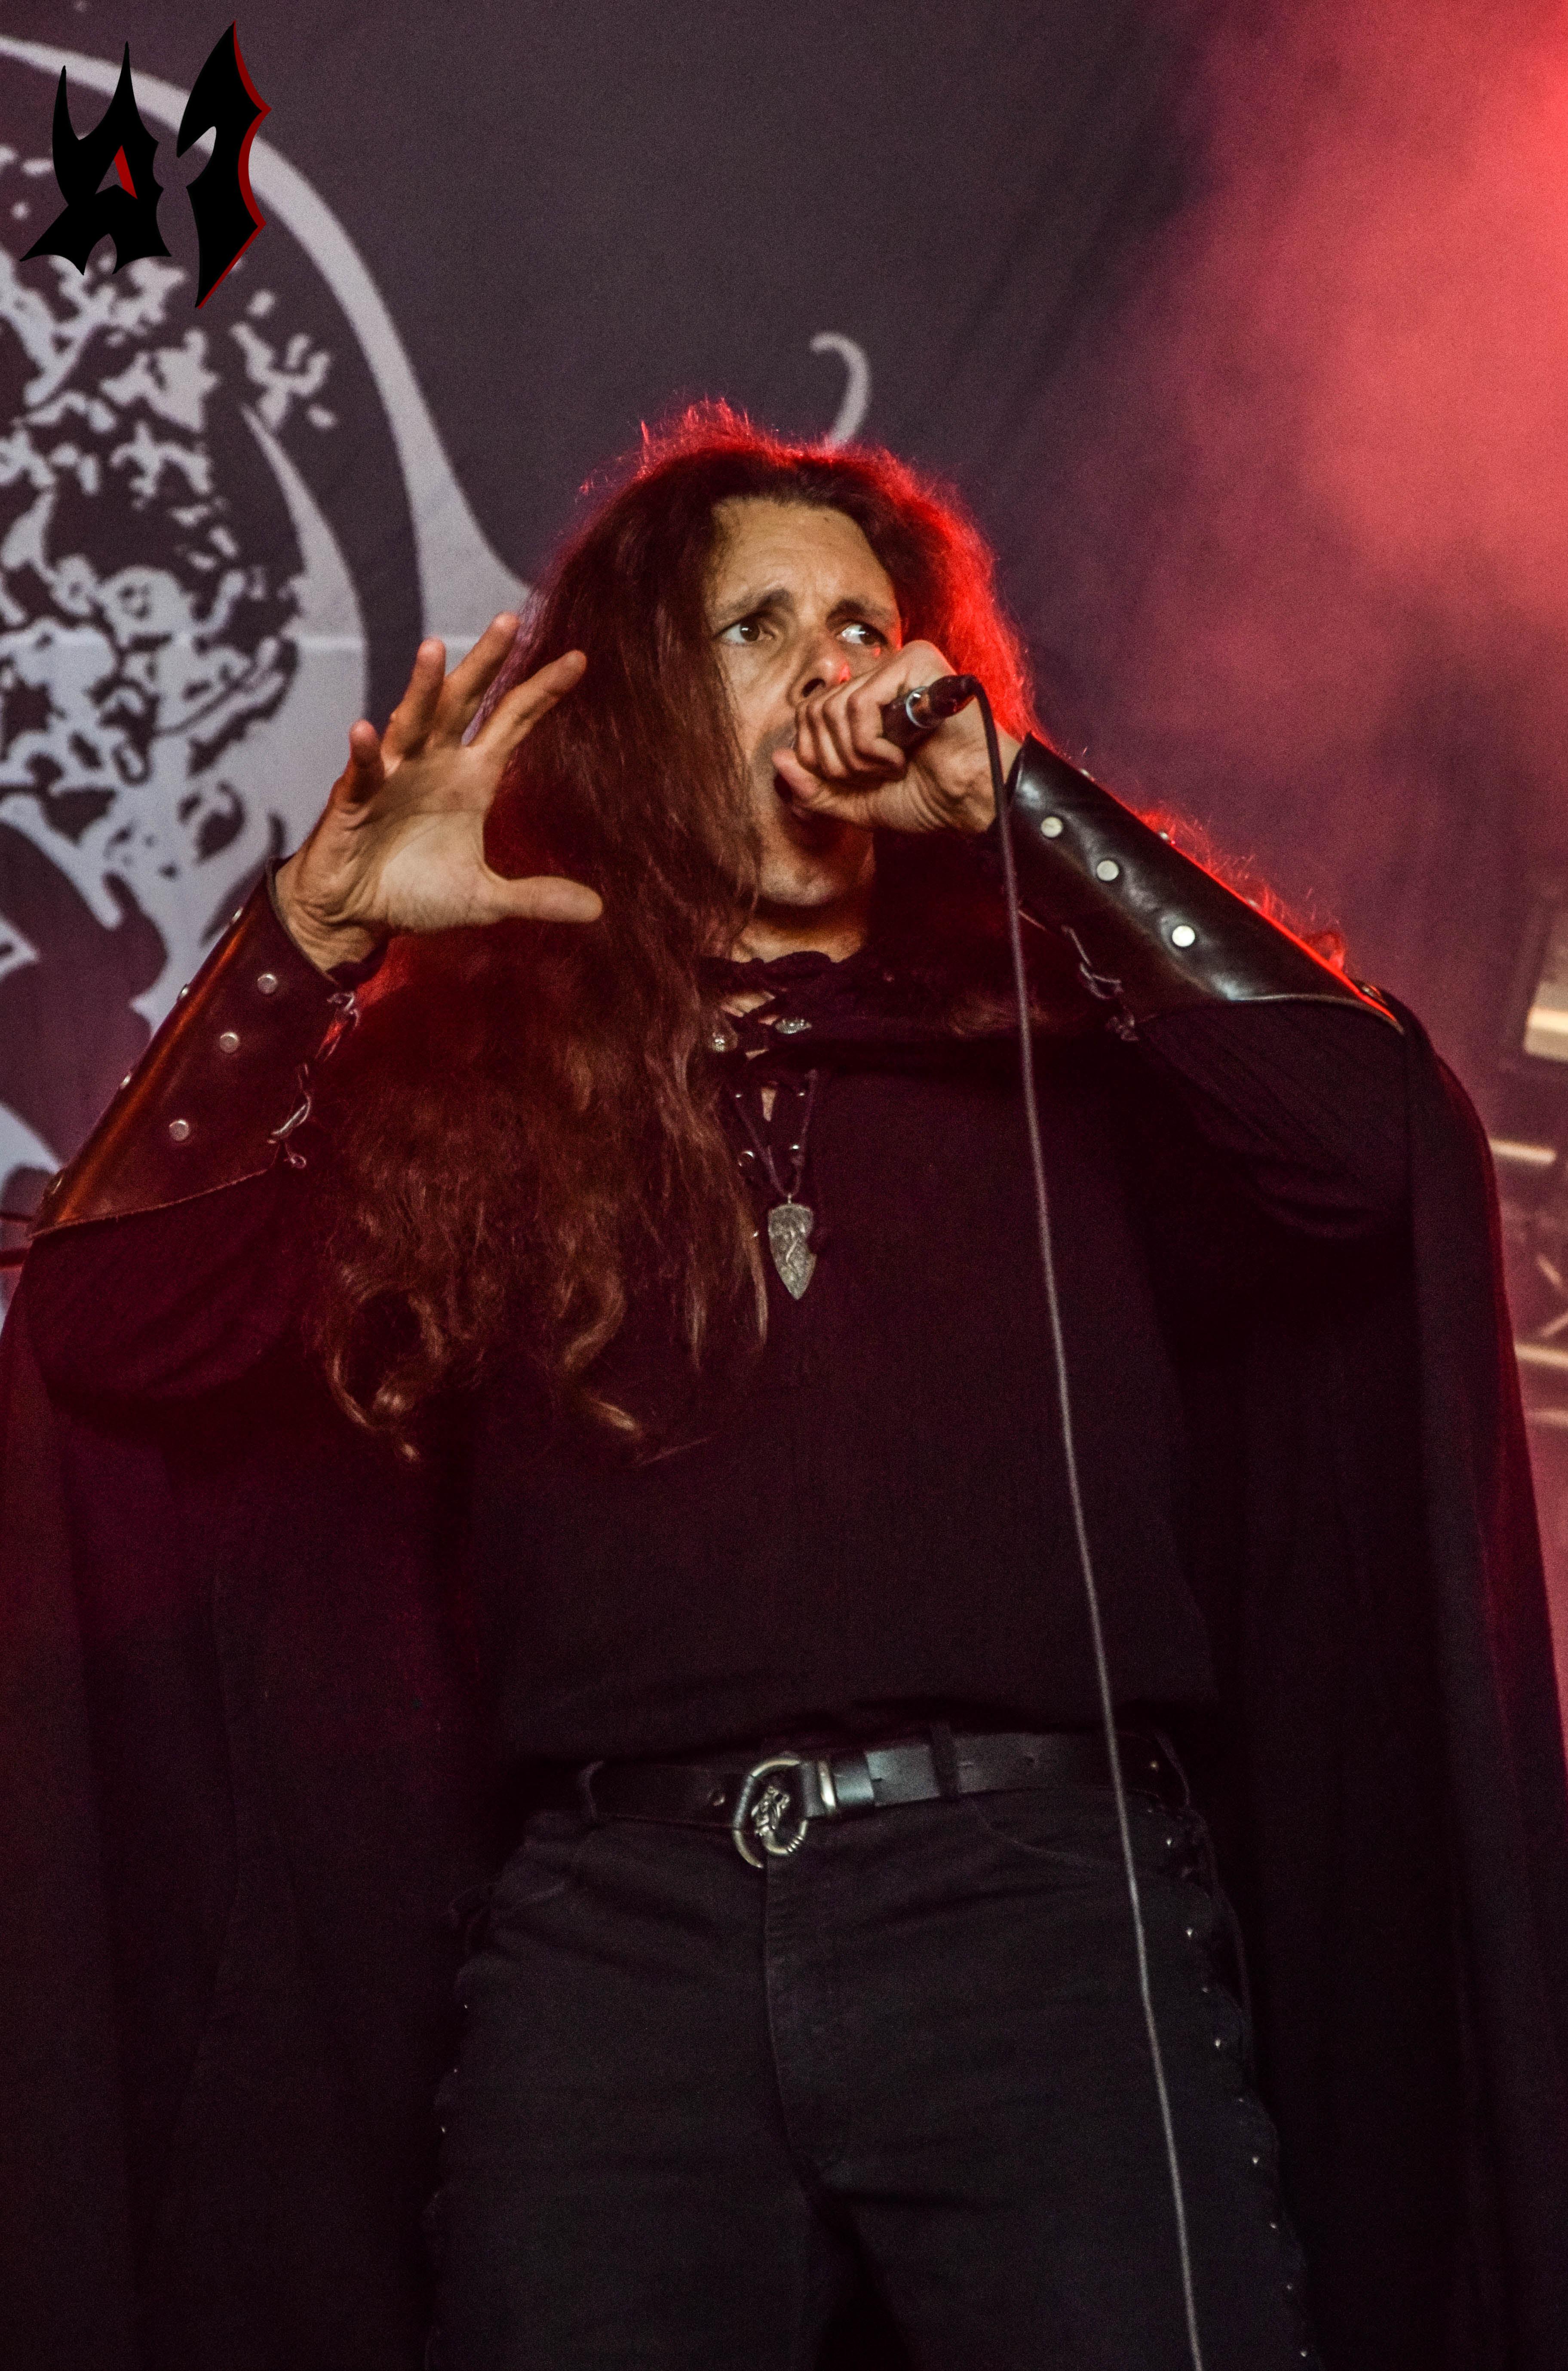 Hellfest - Day 1 - Darkenhold 1